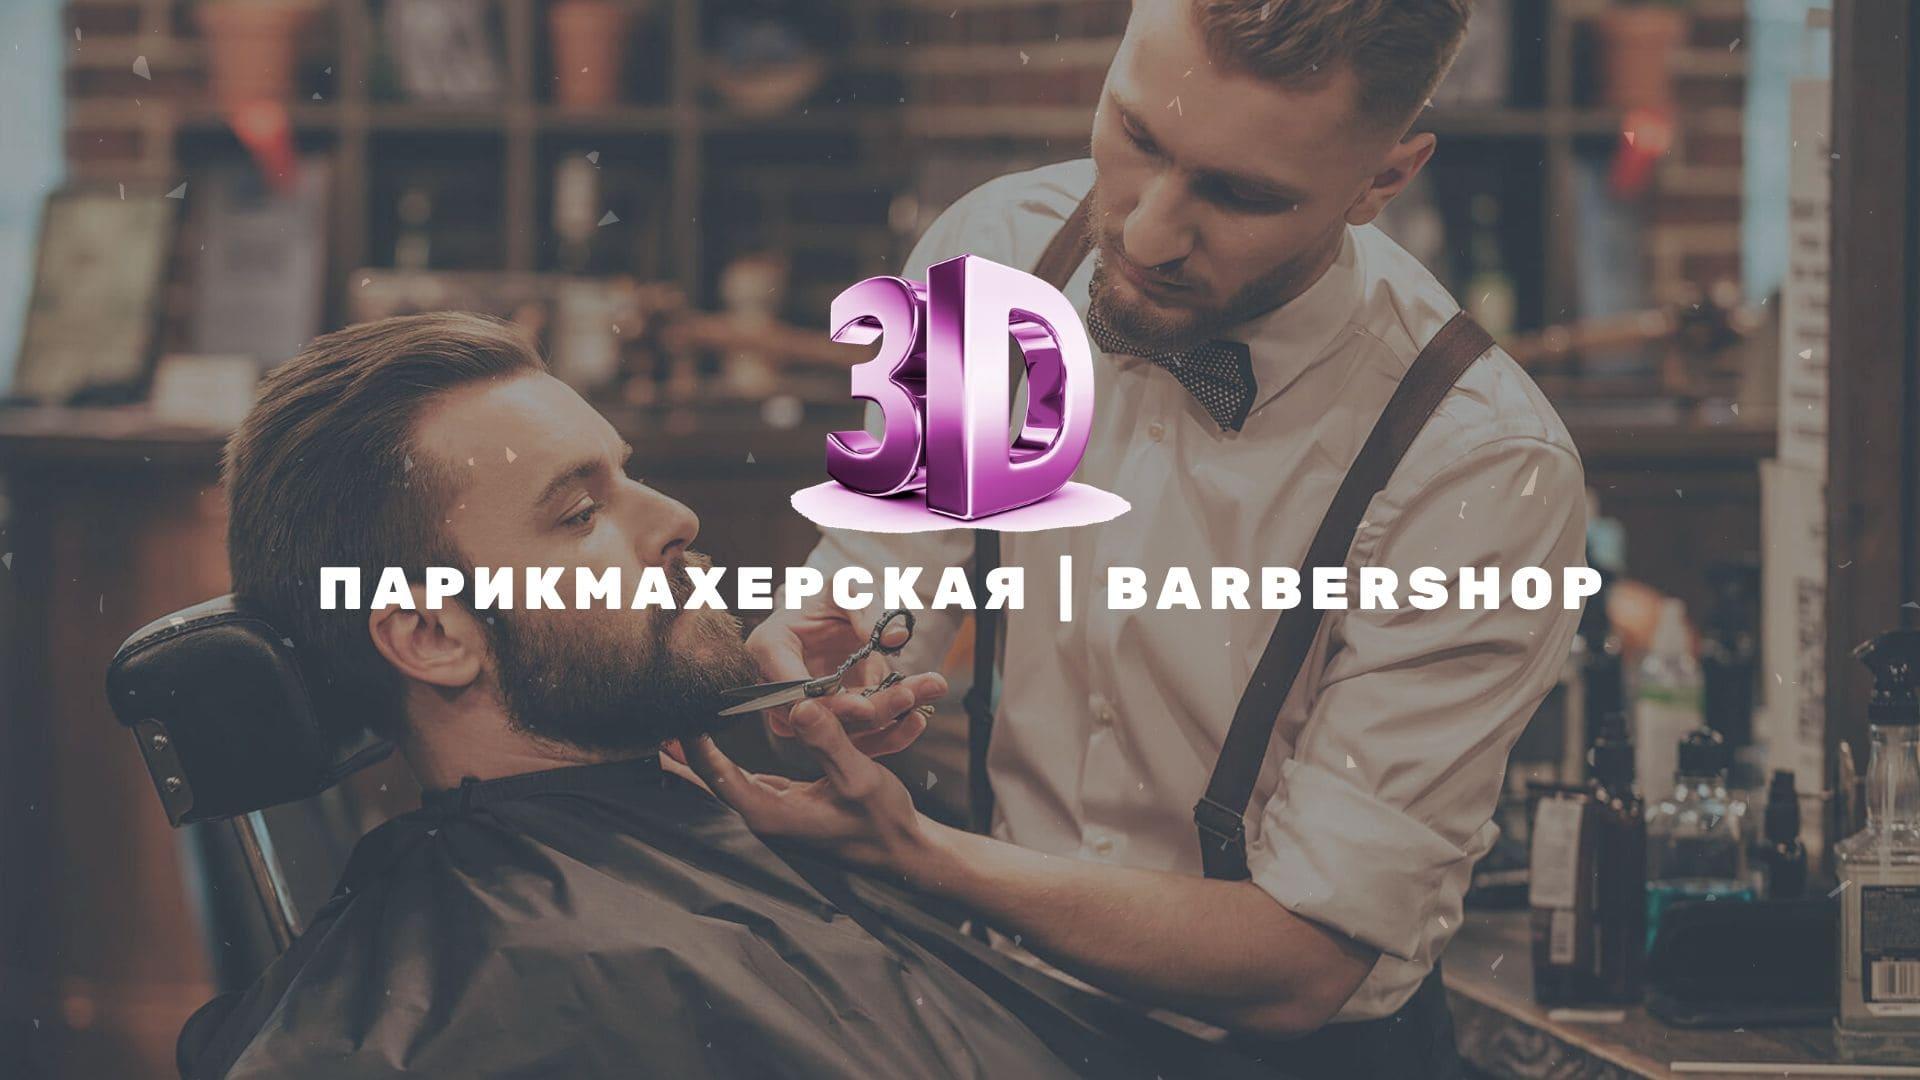 3Д звуки парикмахерской (барбершопа)